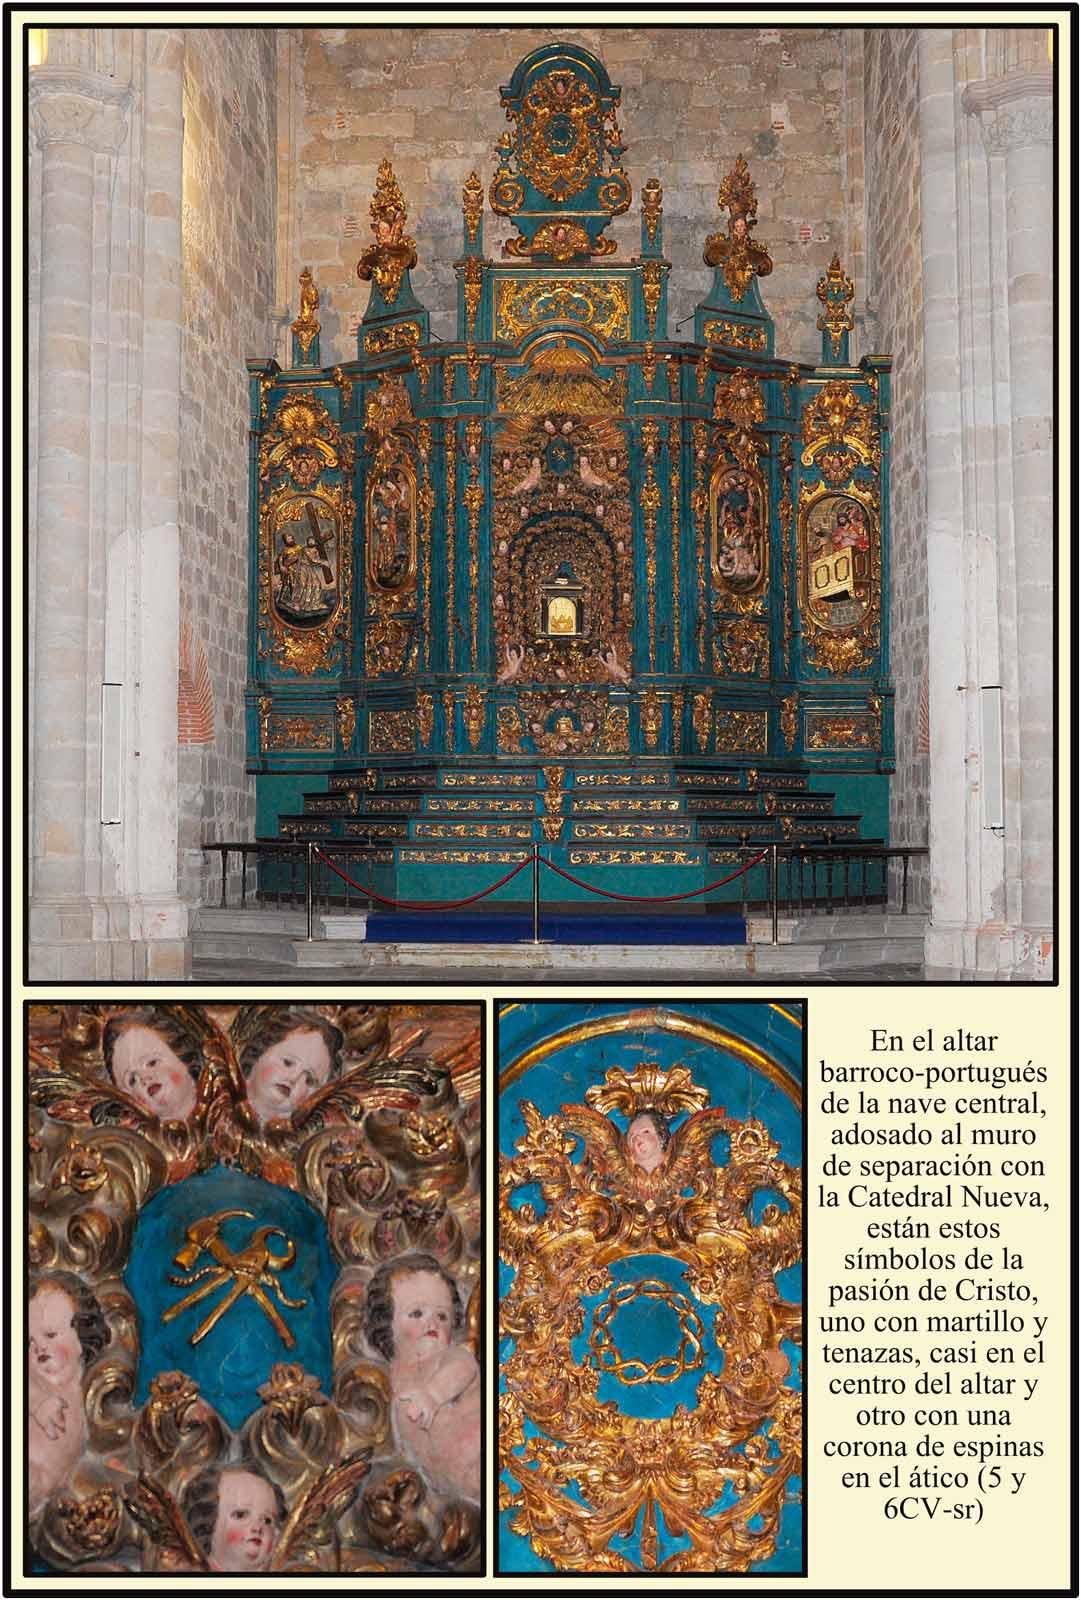 Caedral Plasencia Altar Barroco portugues en la nave central